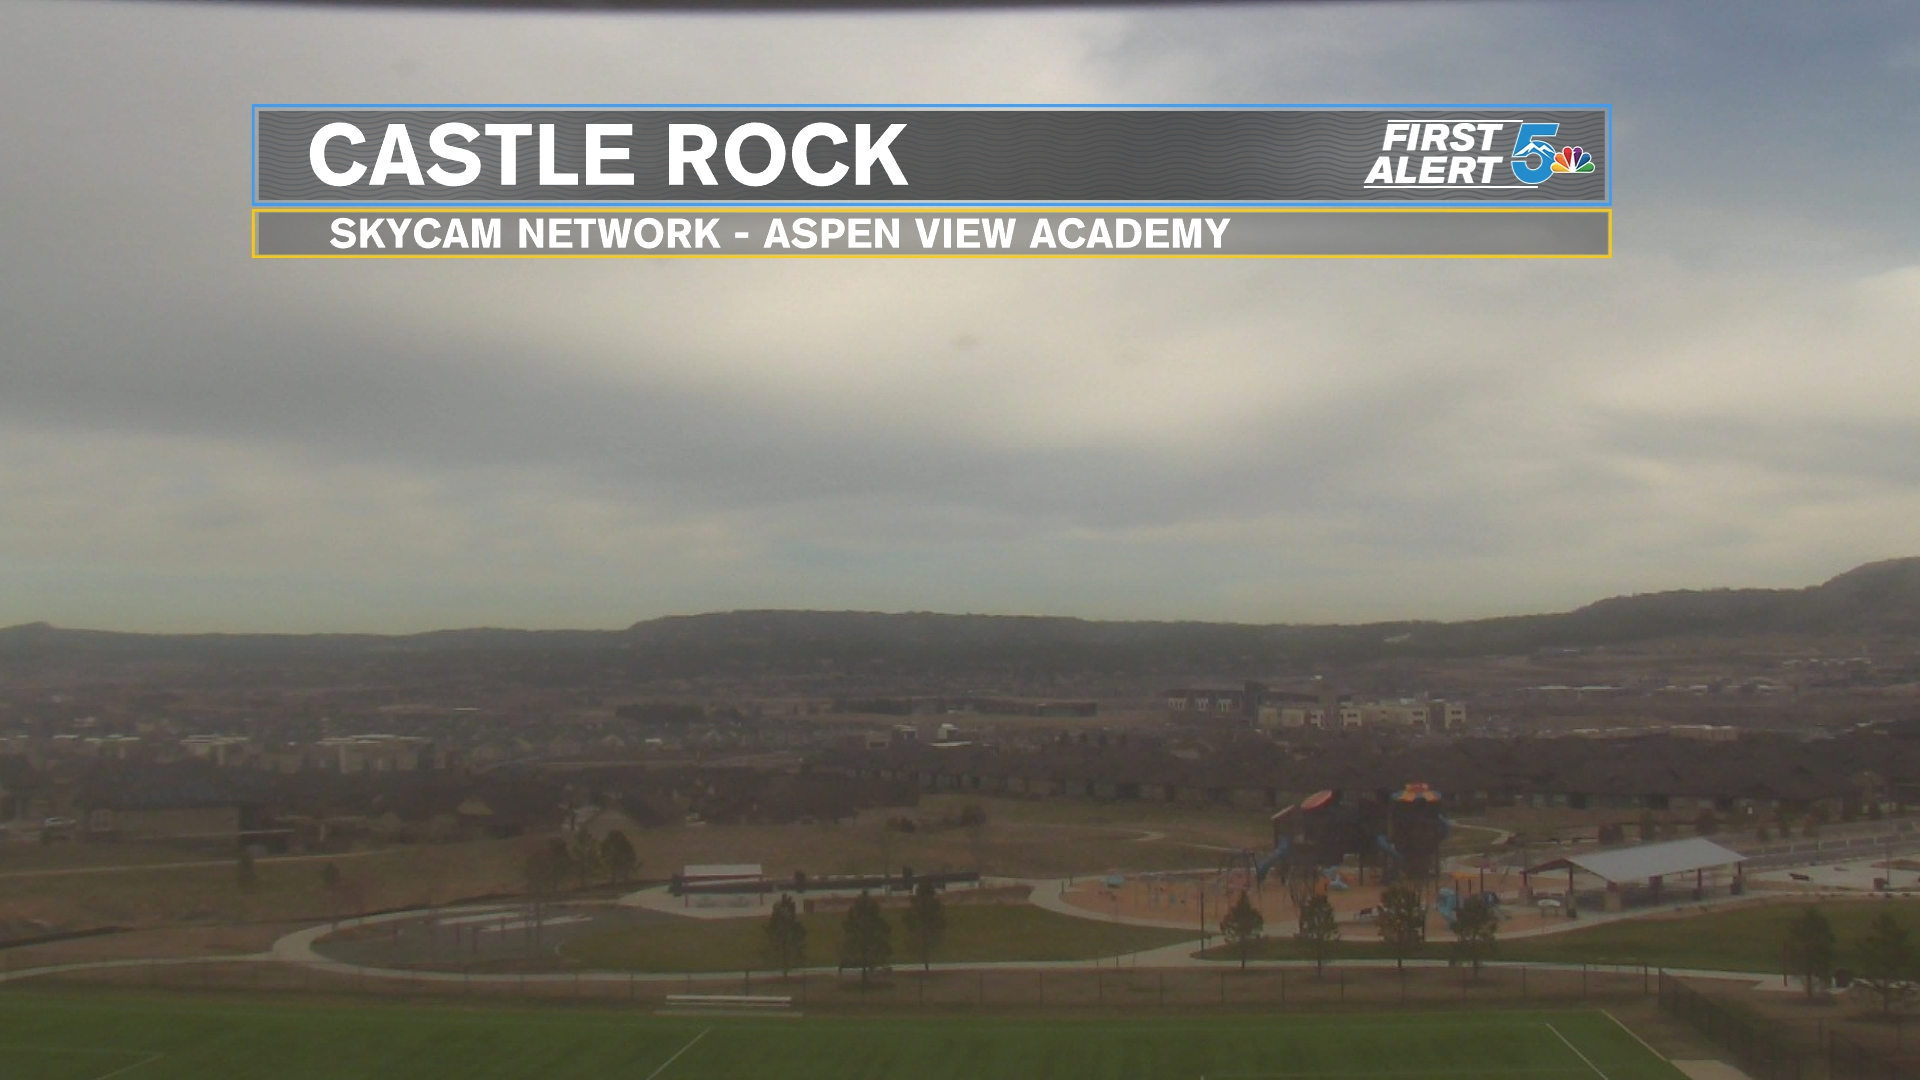 Castle Rock - Aspen View Academy